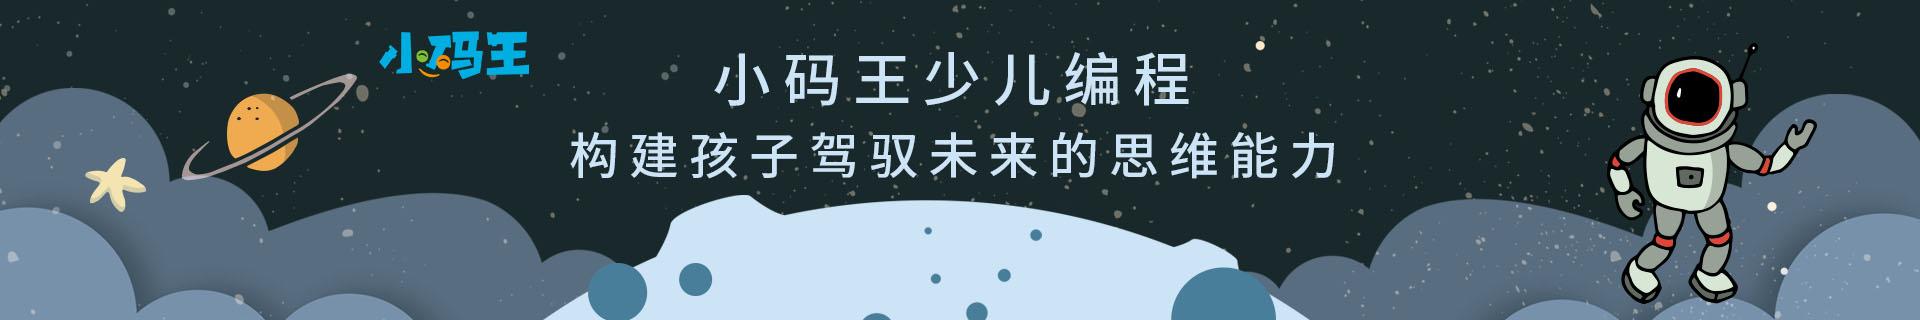 北京朝阳富力城小码王少儿编程培训机构